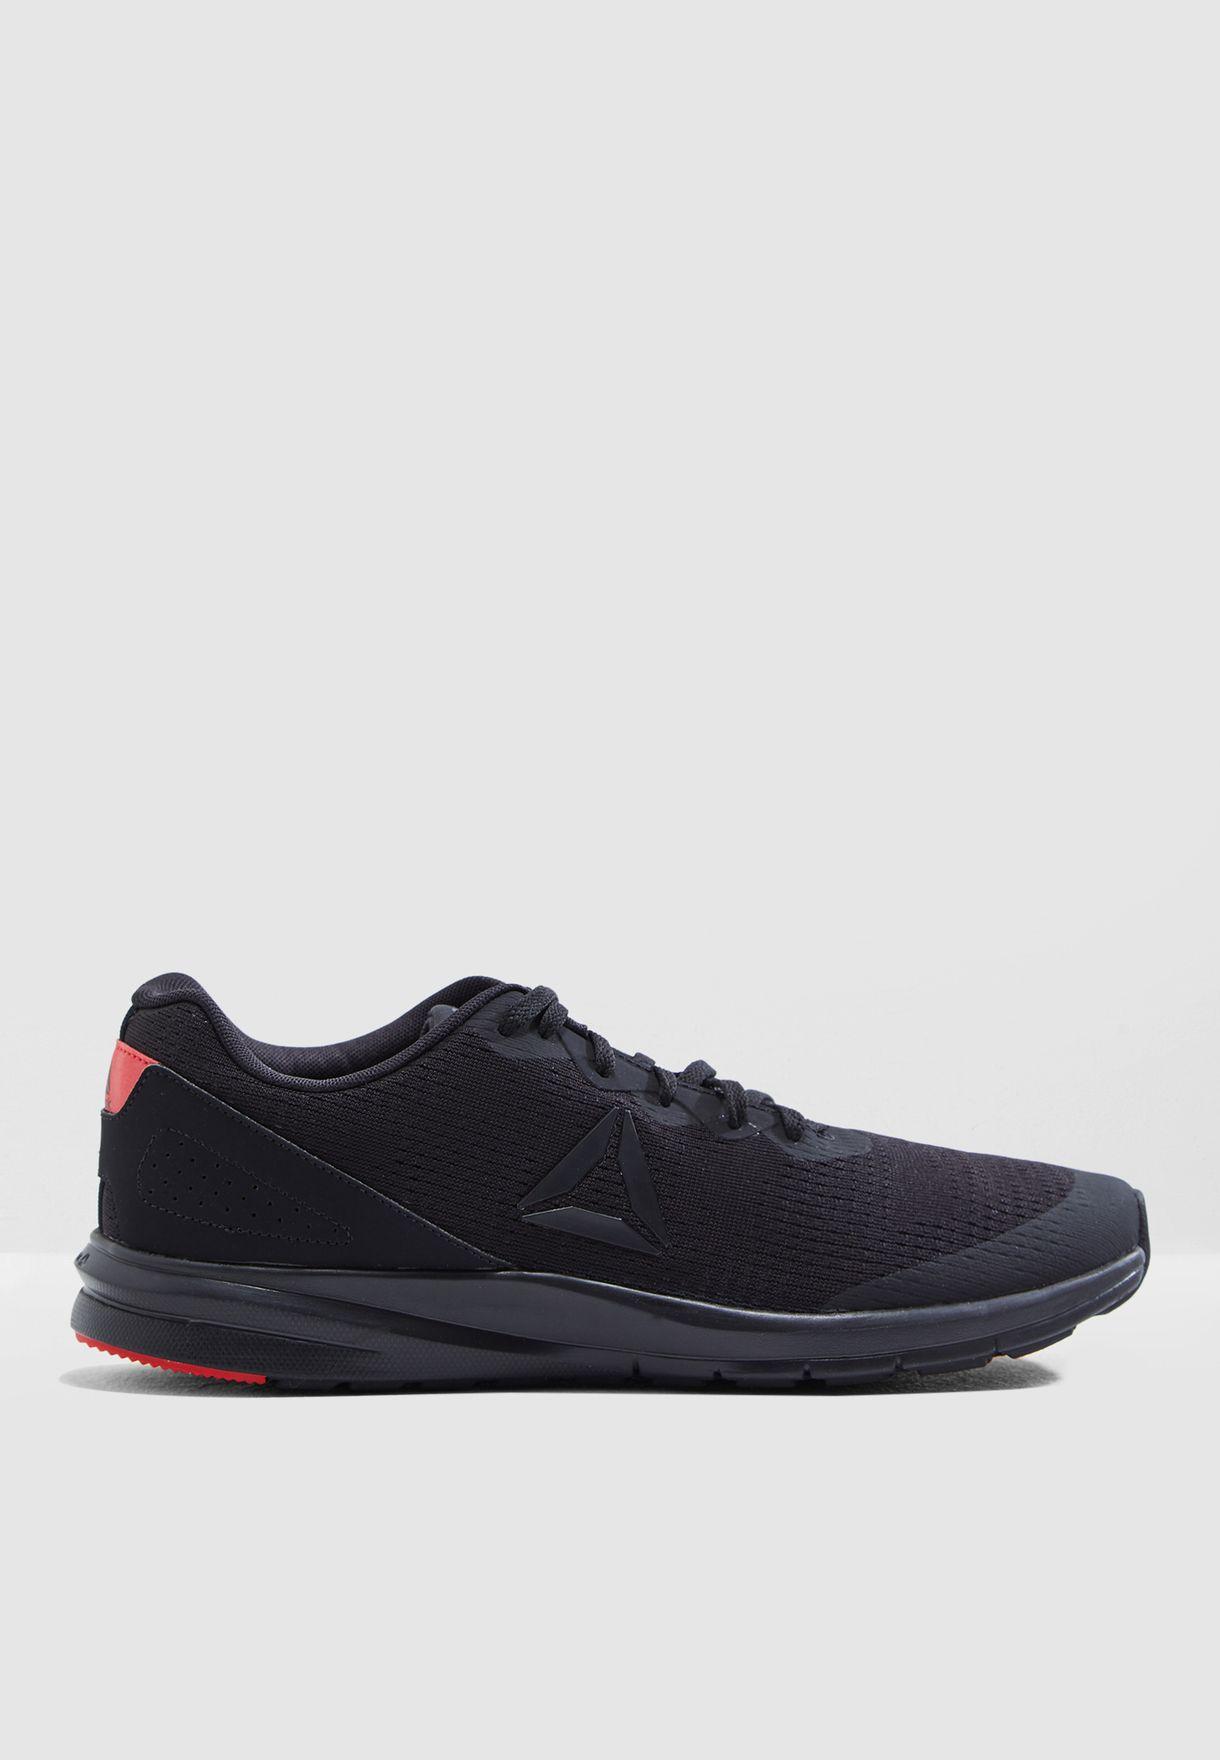 158b7e2ac0c03 Shop Reebok black Runner 3.0 CN6805 for Men in UAE - 19000SH84GBP